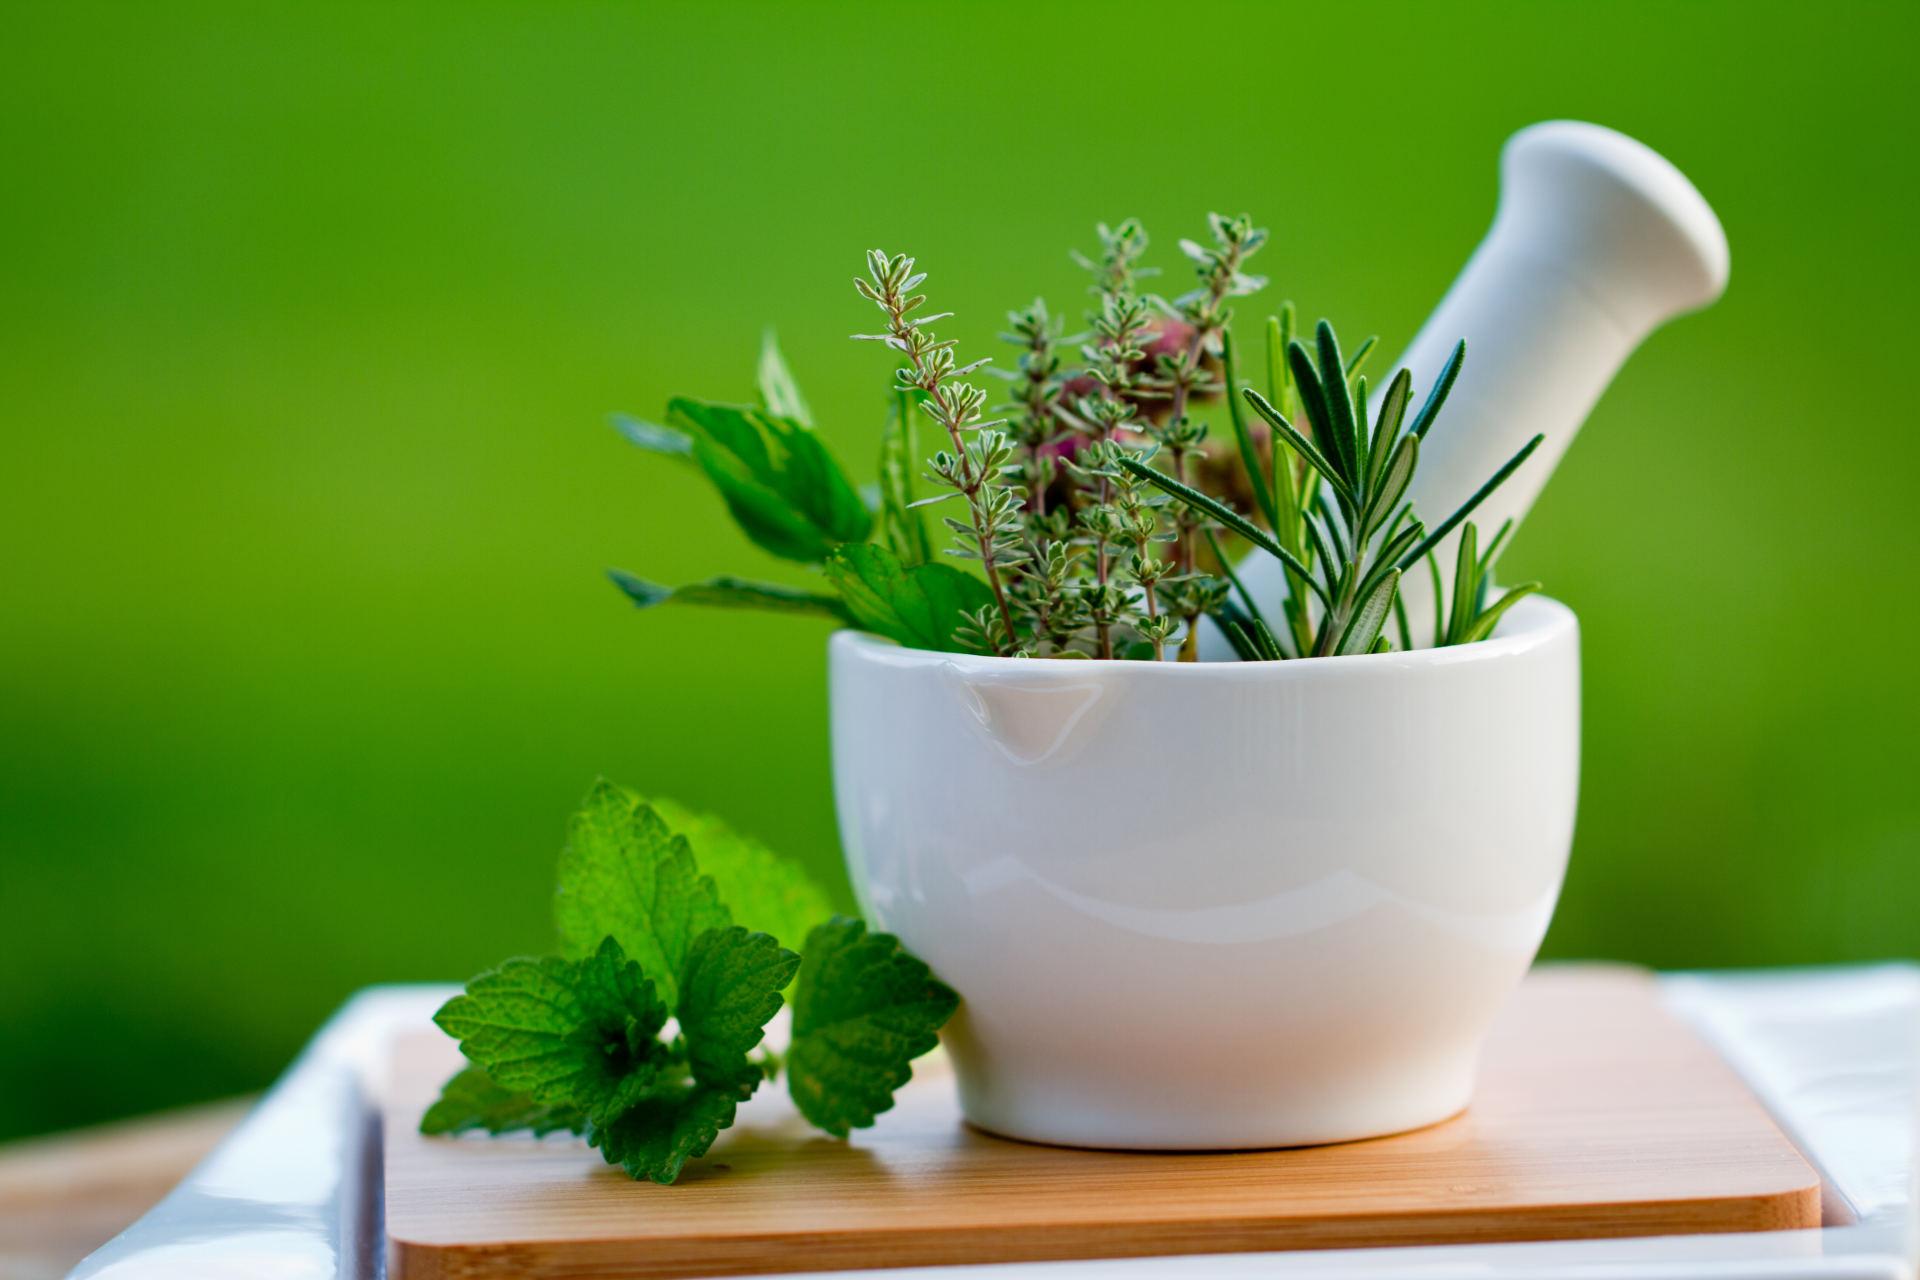 vaistažolių preparatų sąnarių kas tepalas padeda sąnarių skausmas